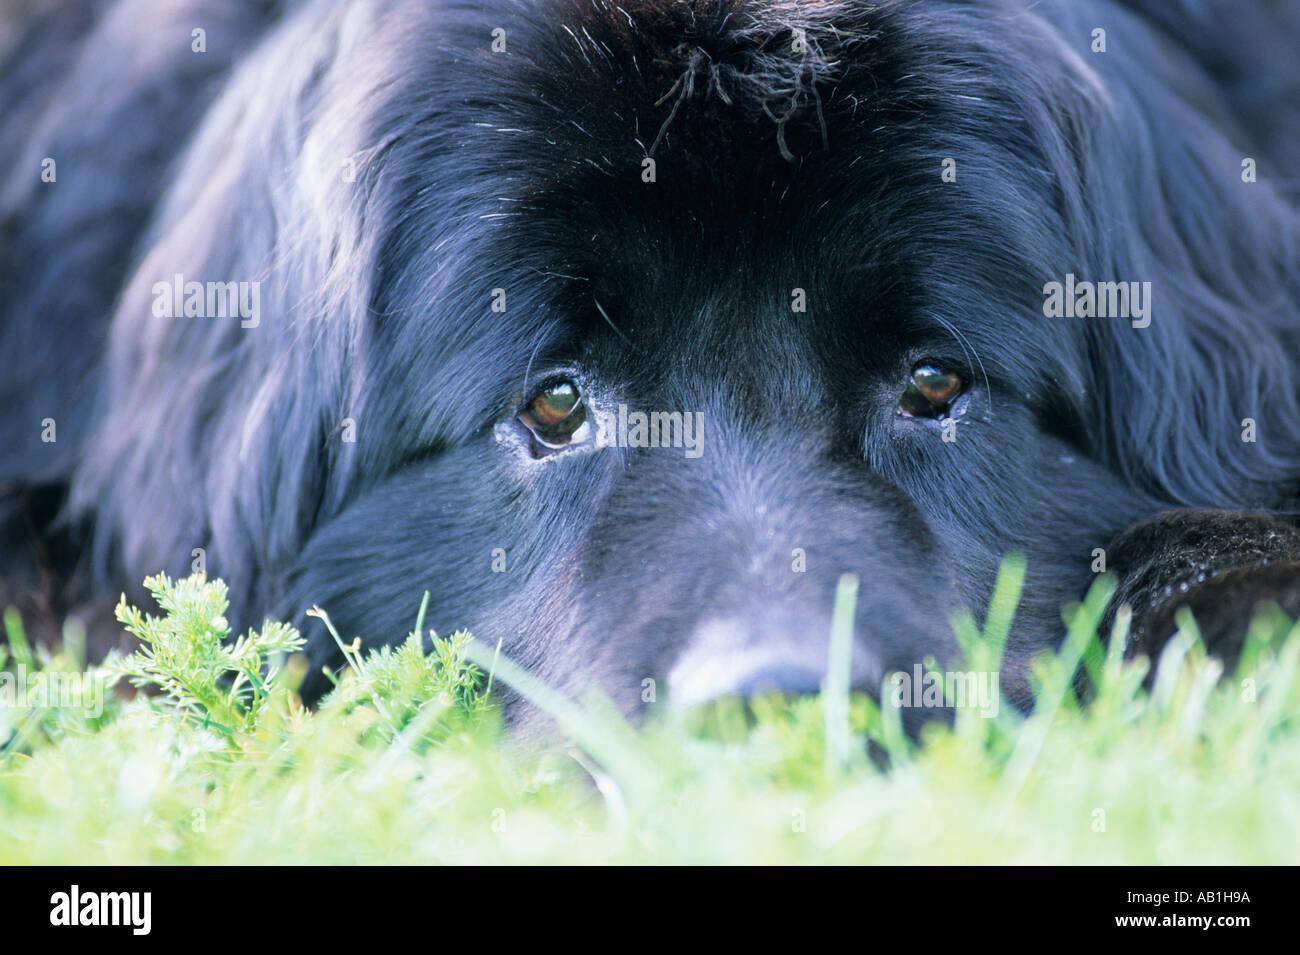 Close up of Newfoundland dog - Stock Image